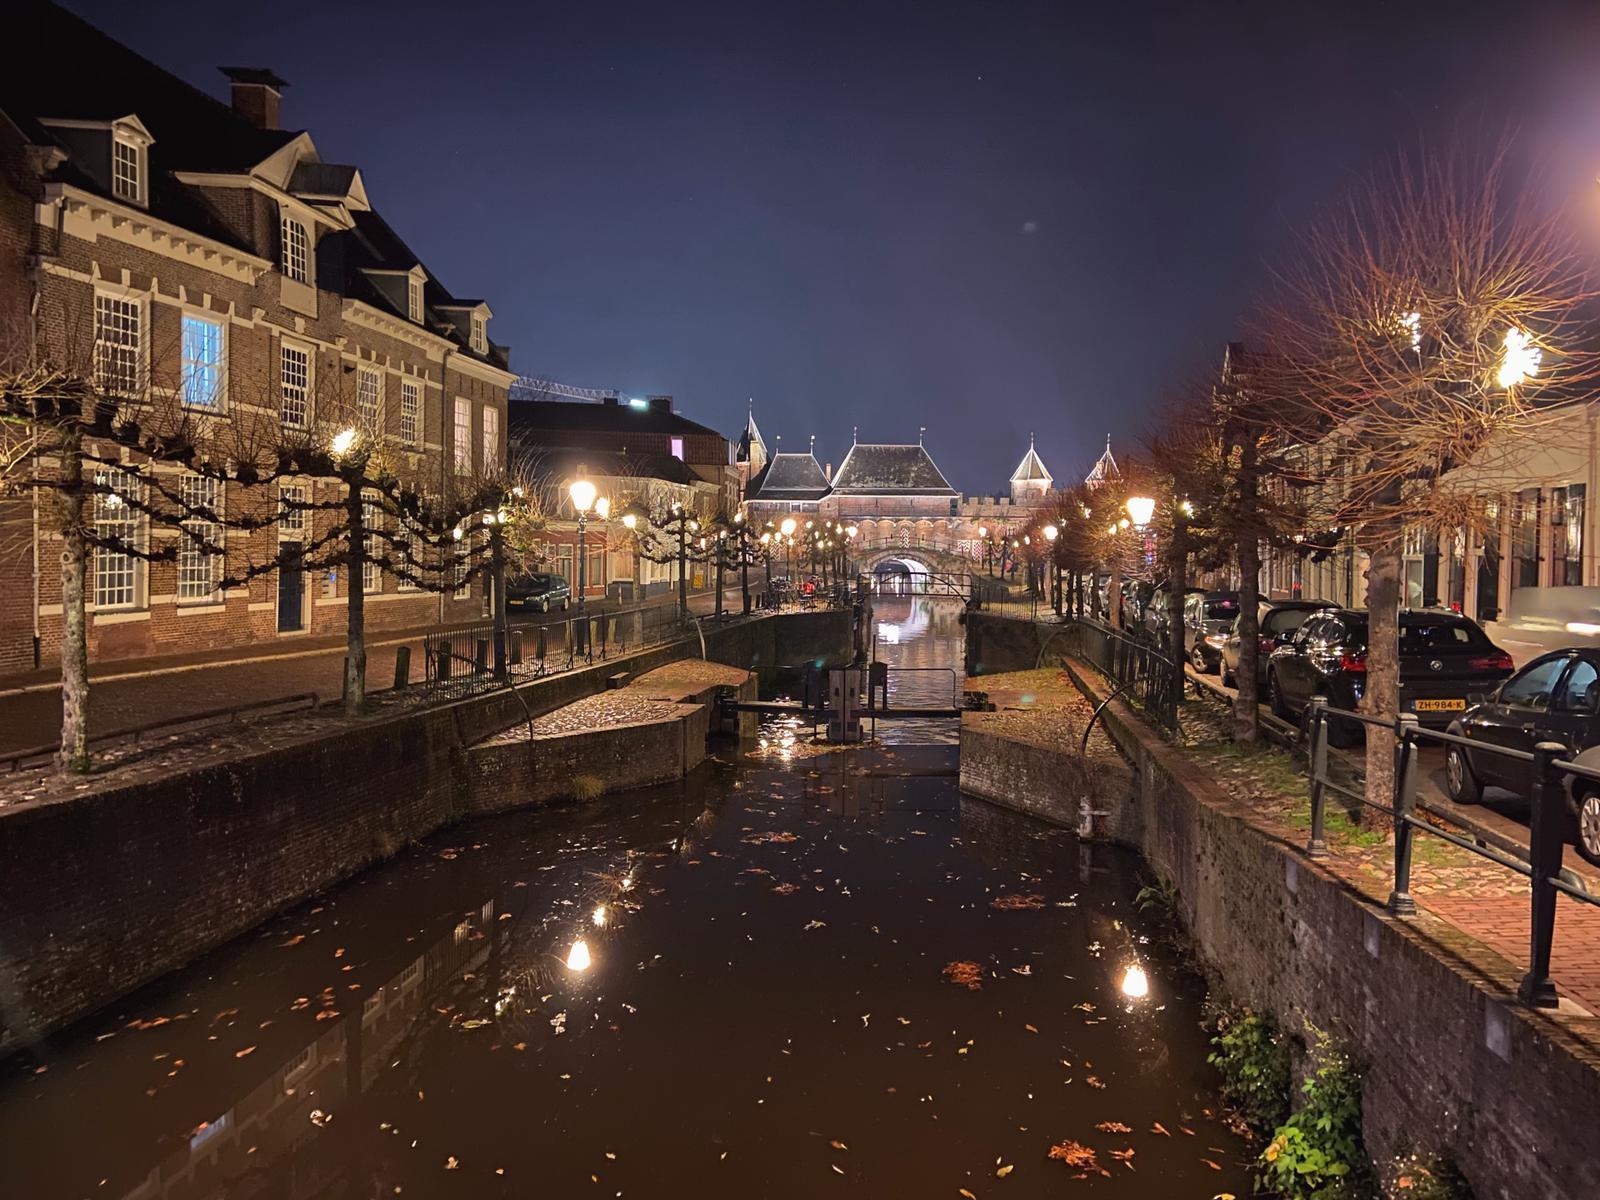 De Koppelpoort, één van mijn favoriete plekjes in Amersfoort. Beeld: Ingelise de Vries